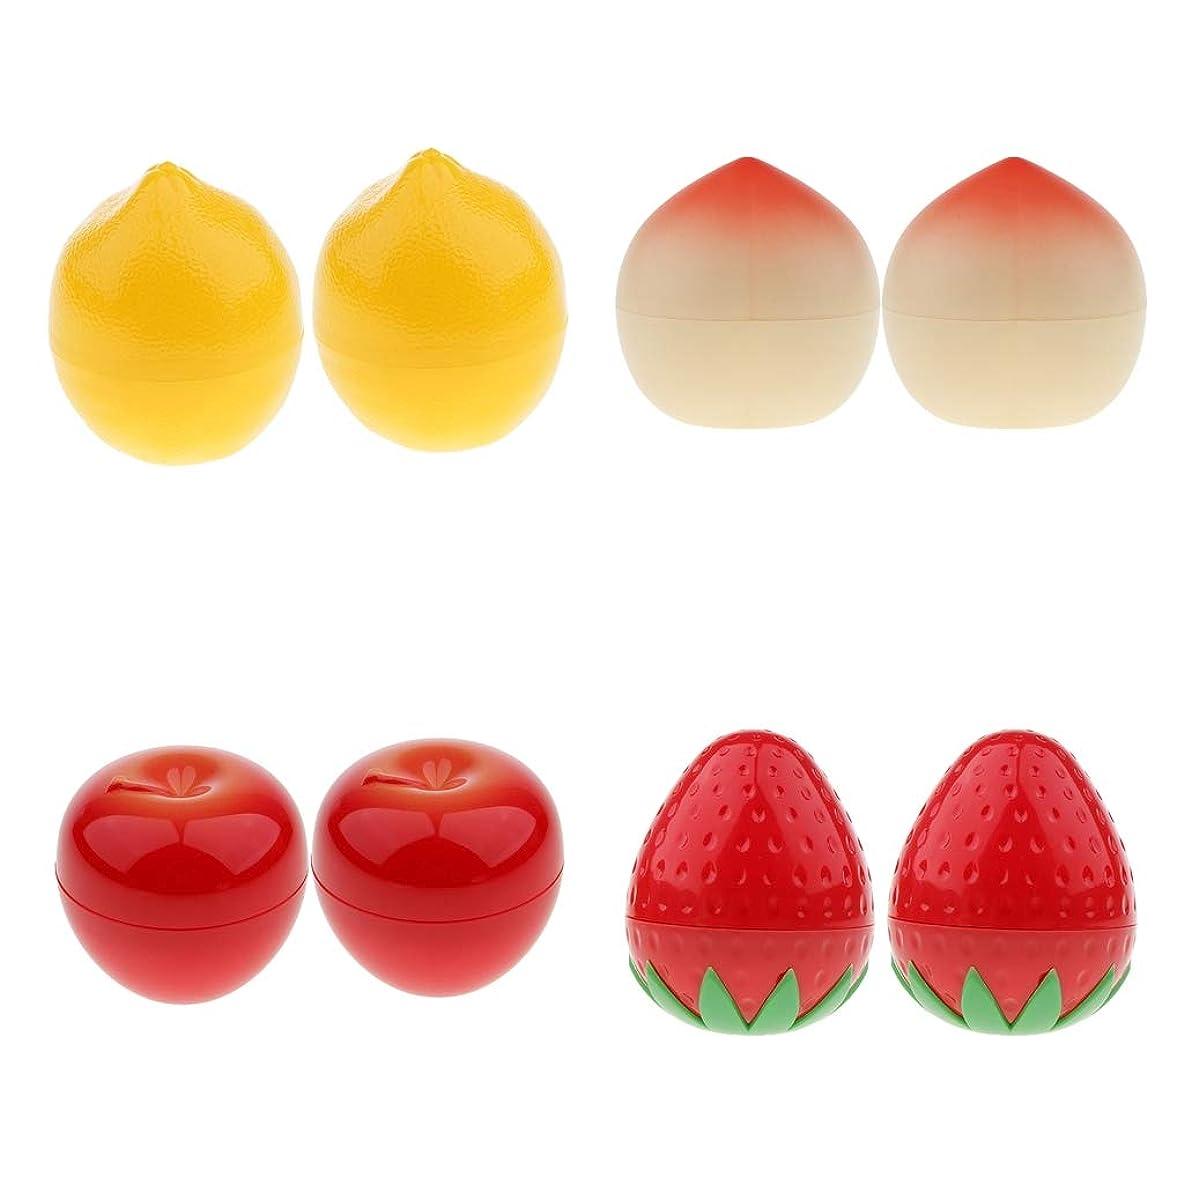 ブルゴーニュ要件通信網B Blesiya 8本 メイクアップボトル 可愛い 果物 化粧品 コスメ 小分け用 コンテナ